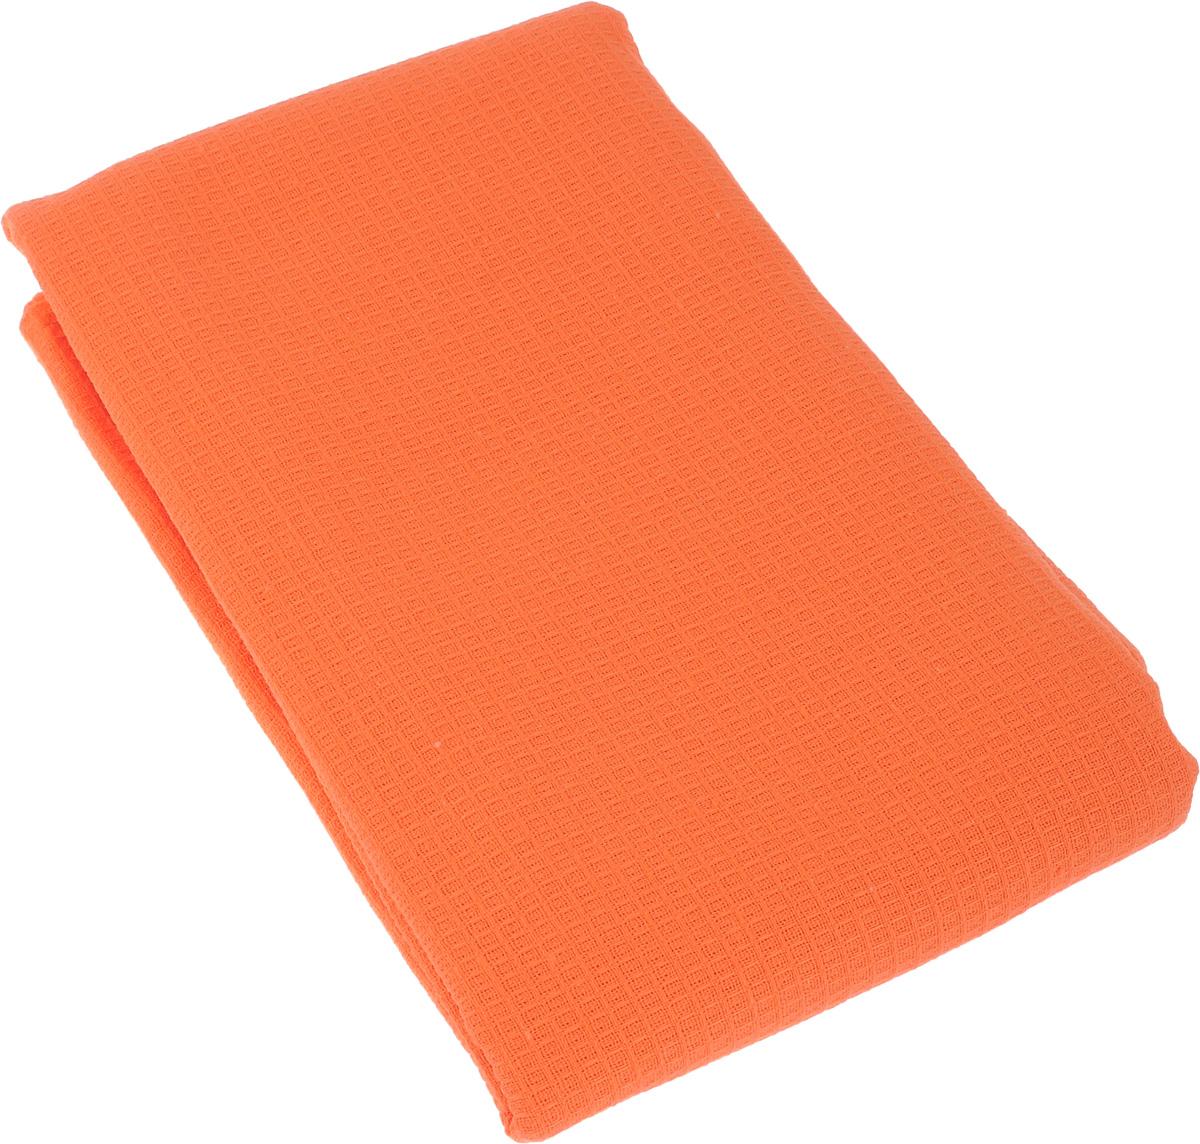 Полотенце-простыня для бани и сауны Банные штучки, цвет: оранжевый, 80 х 150 см полотенца банные ecotex полотенце отель